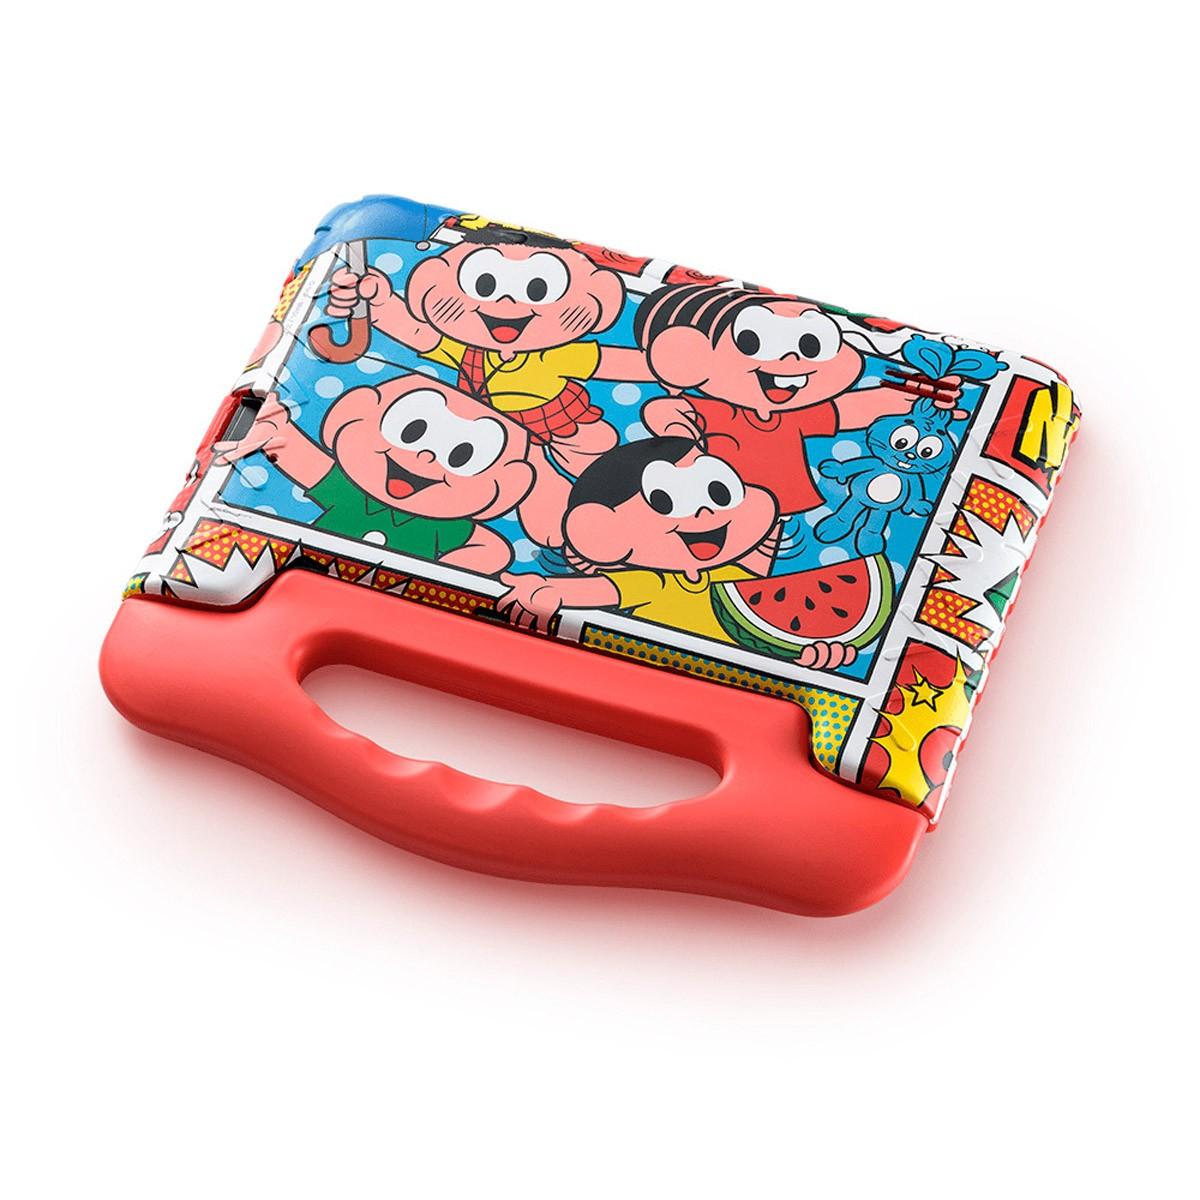 Tablet Infantil Multilaser Nb341 16gb Tela 7' Wi-fi Monica